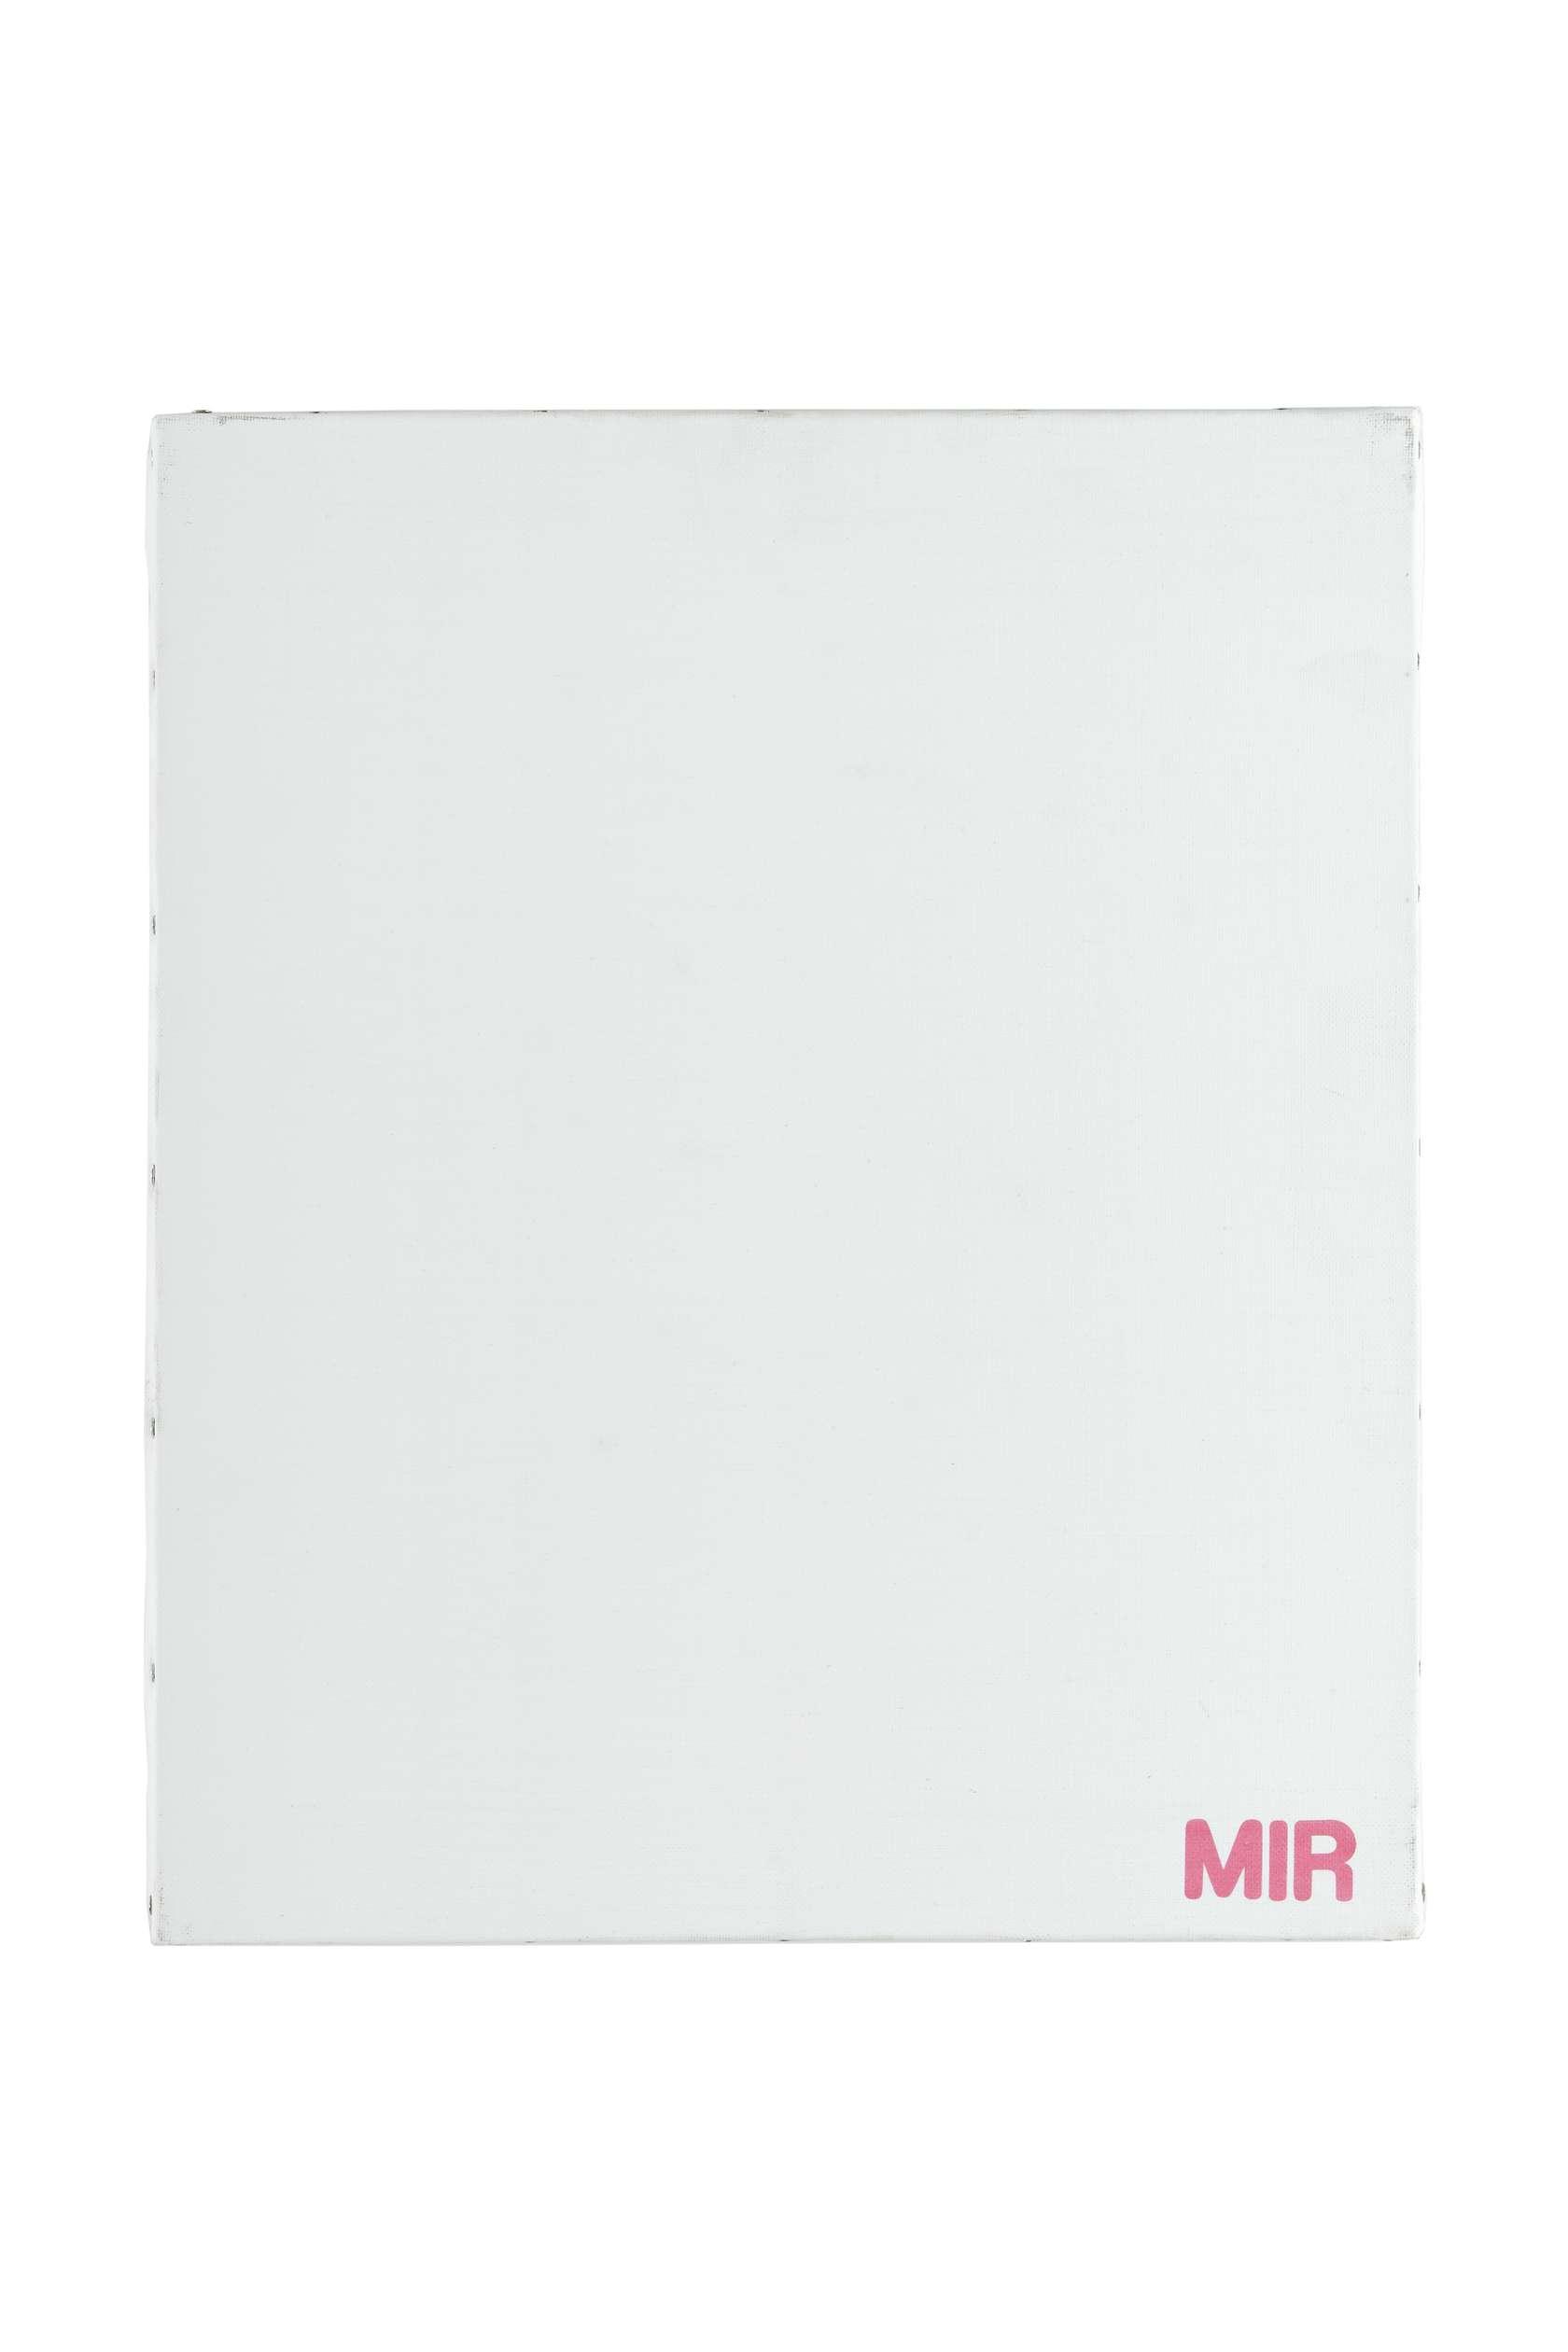 Présence Panchounette, Monochrome lessive (Mir), 1988 Acrylique et décalcomanie sur toile